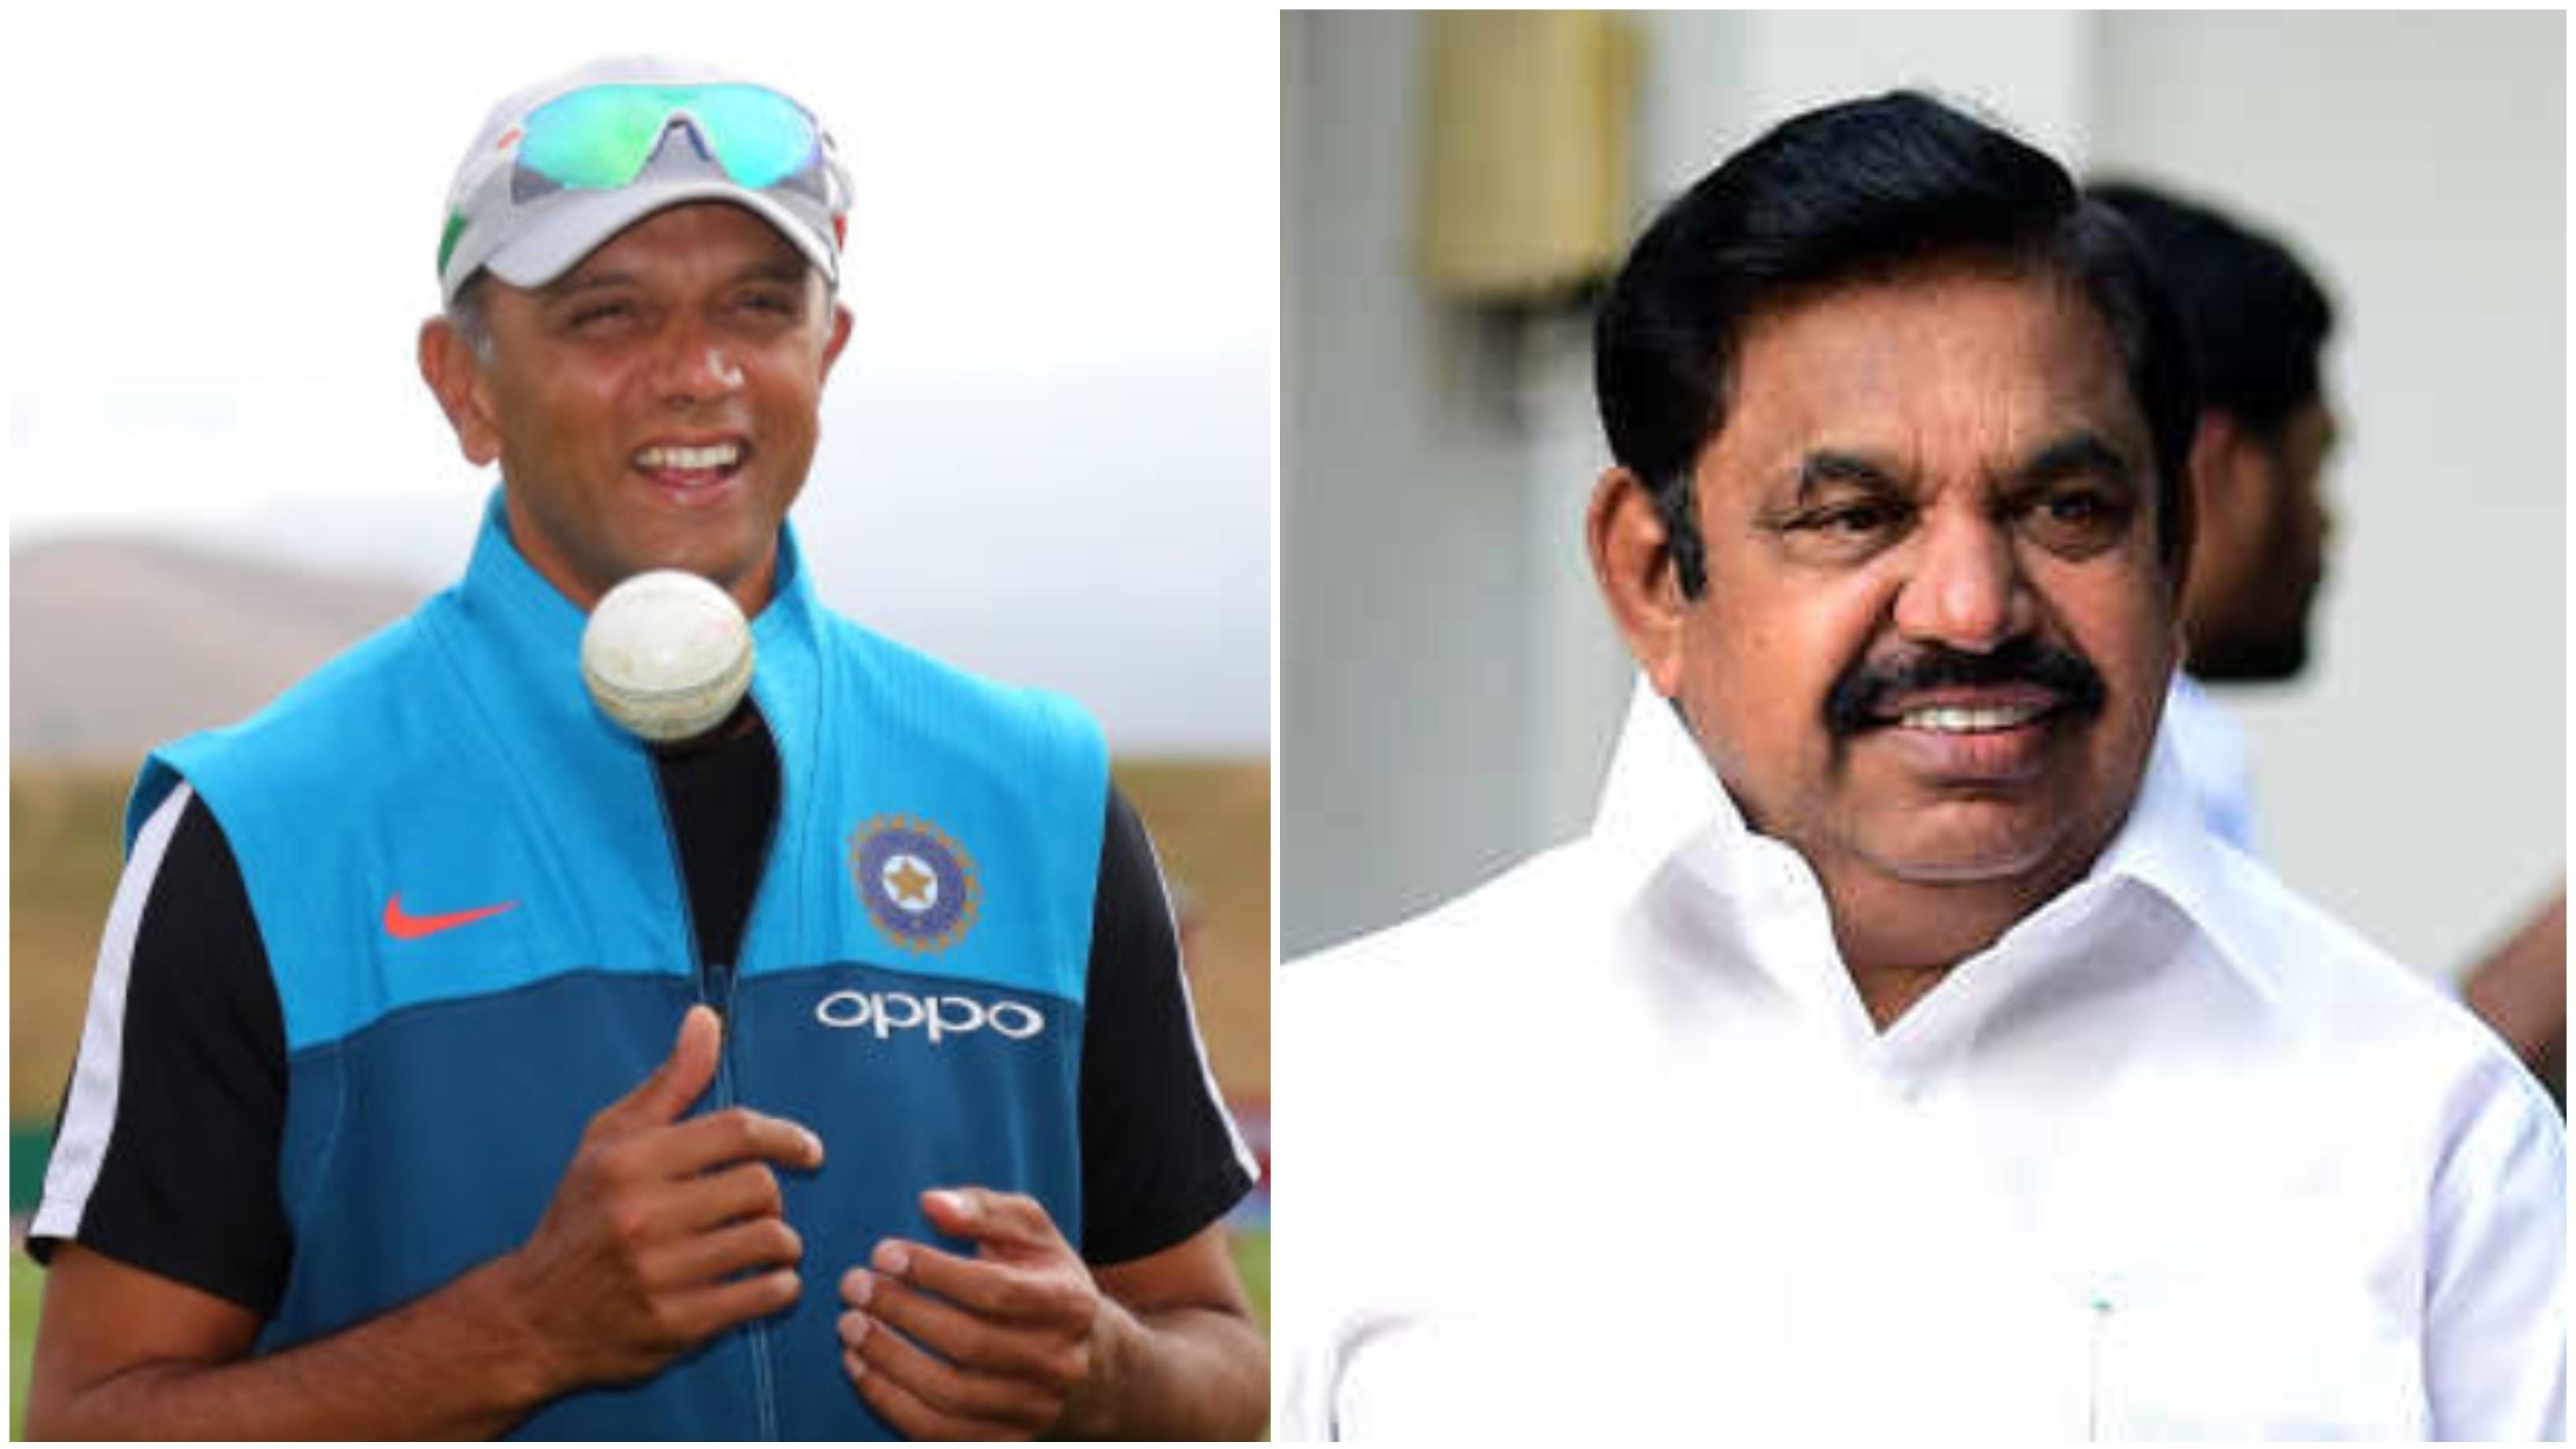 राहुल द्रविड़ ने क्रिकेट स्टेडियम के उद्घाटन पर तमिलनाडु के मुख्यमंत्री पलानीस्वामी को कराई गेंदबाजी